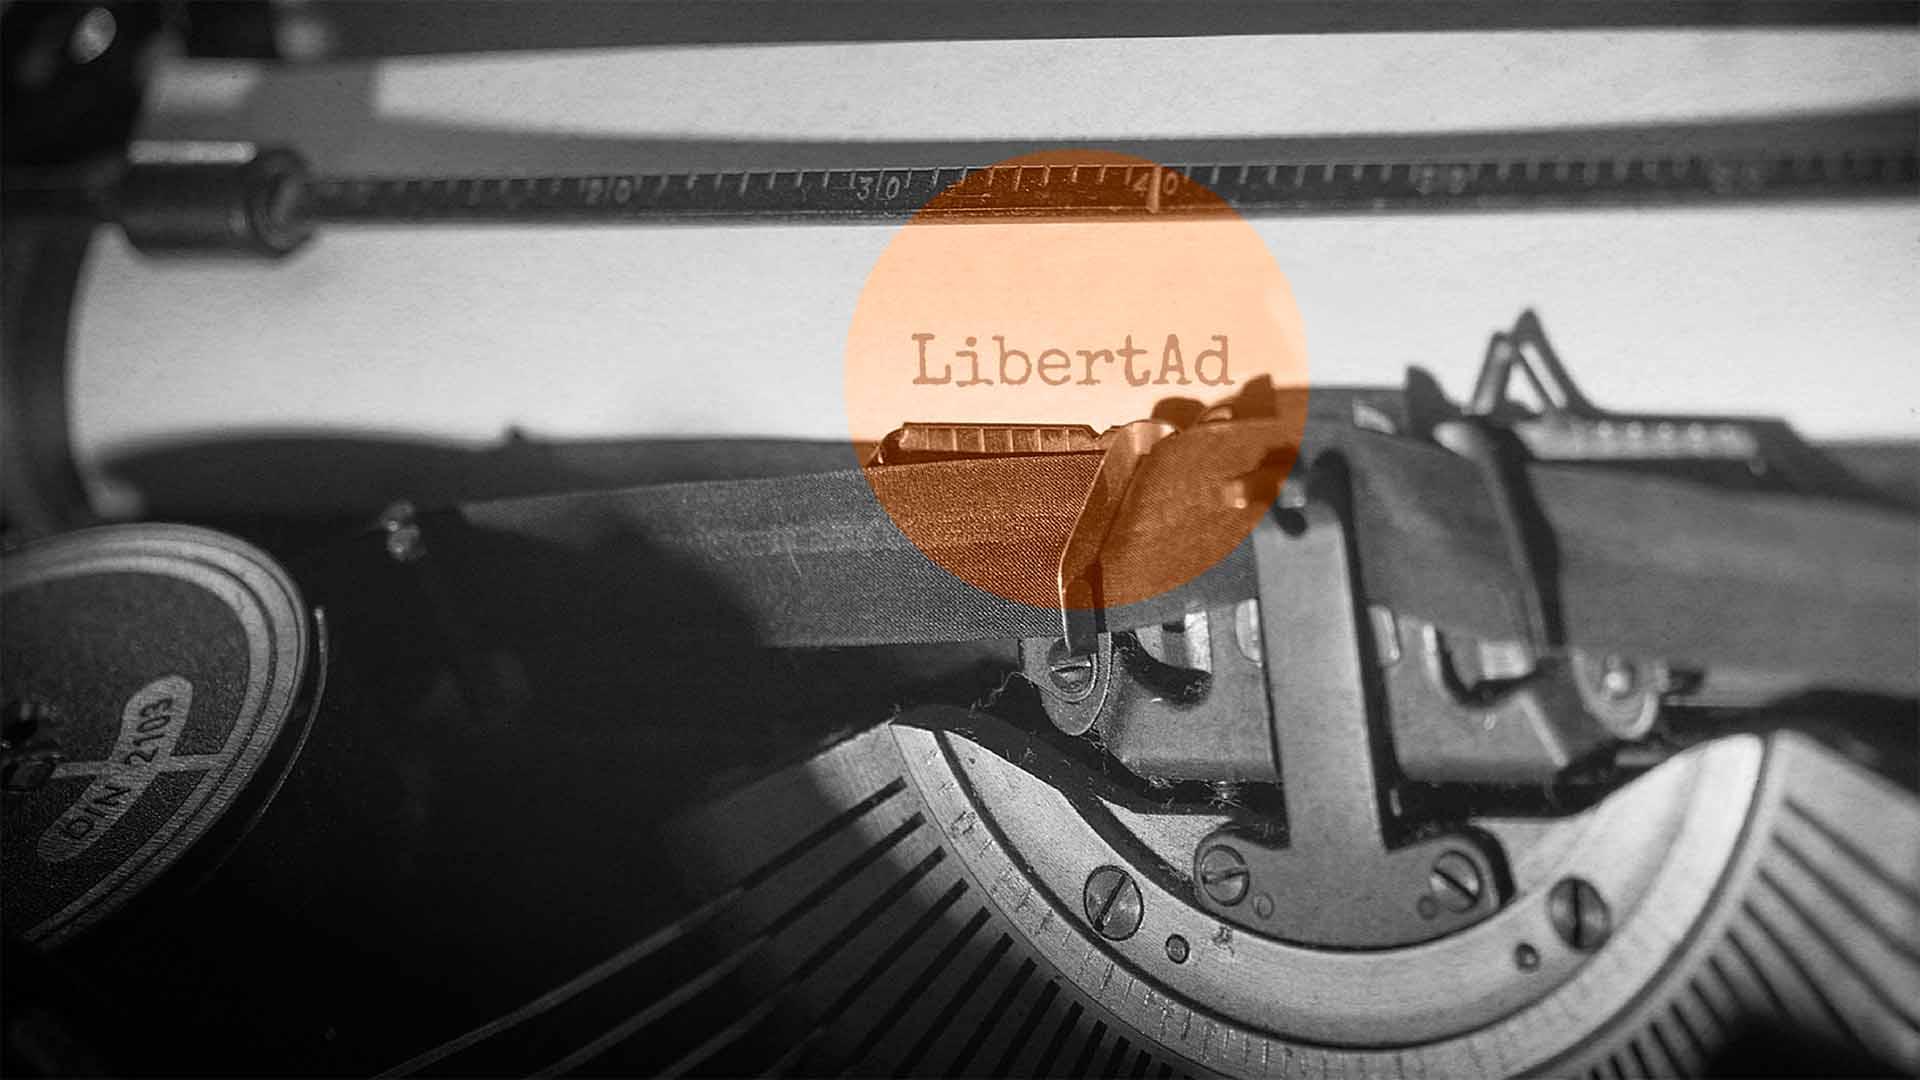 Discusión por la libertad, por Antonio José Monagas